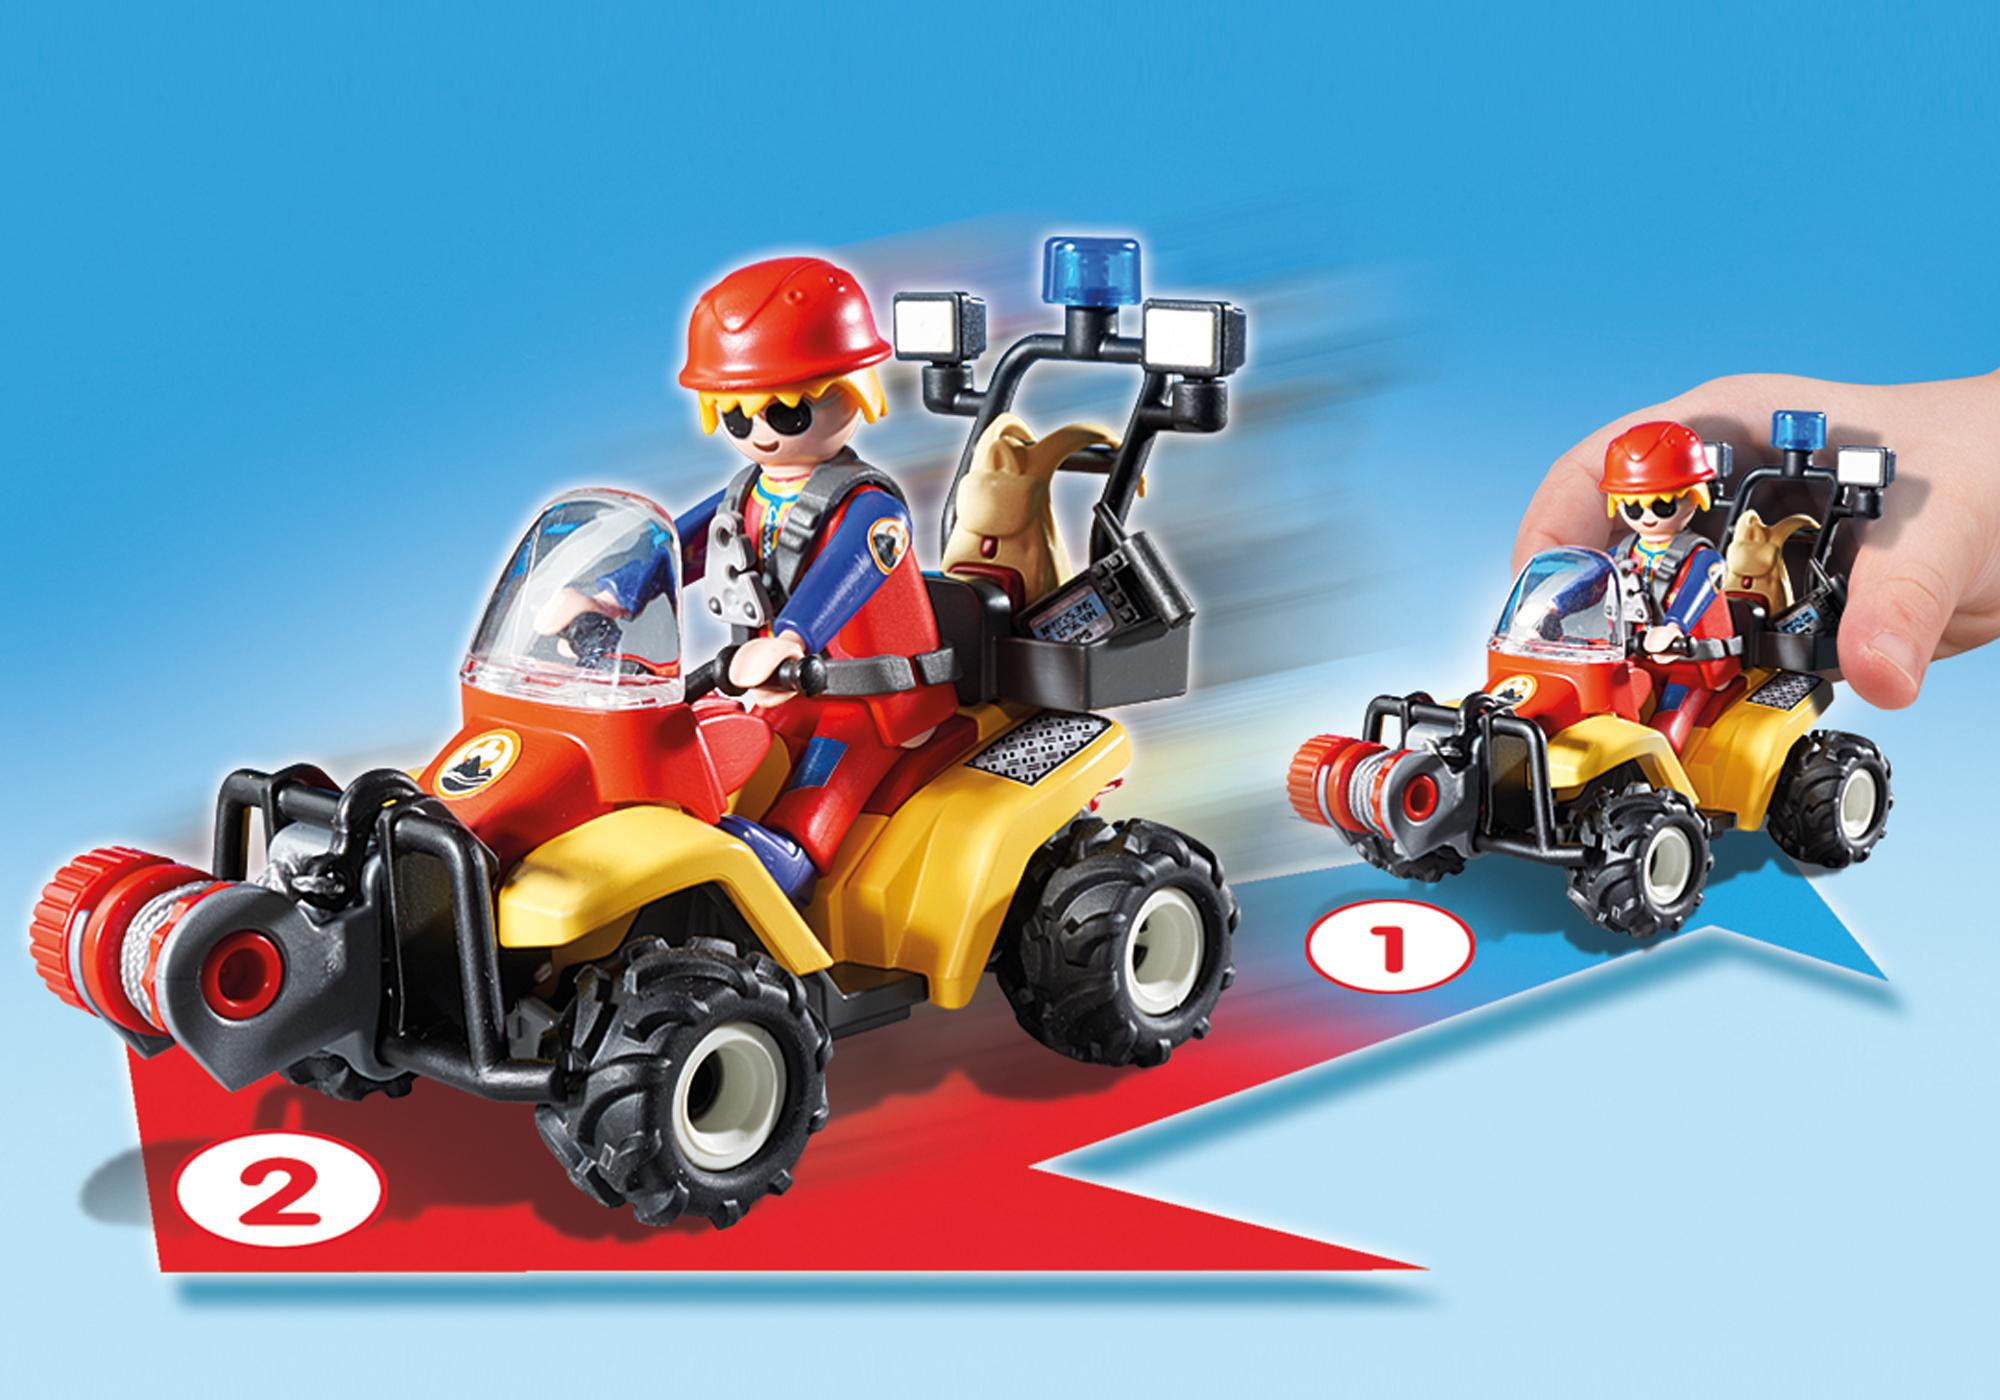 http://media.playmobil.com/i/playmobil/9130_product_extra1/Quad soccorso alpino